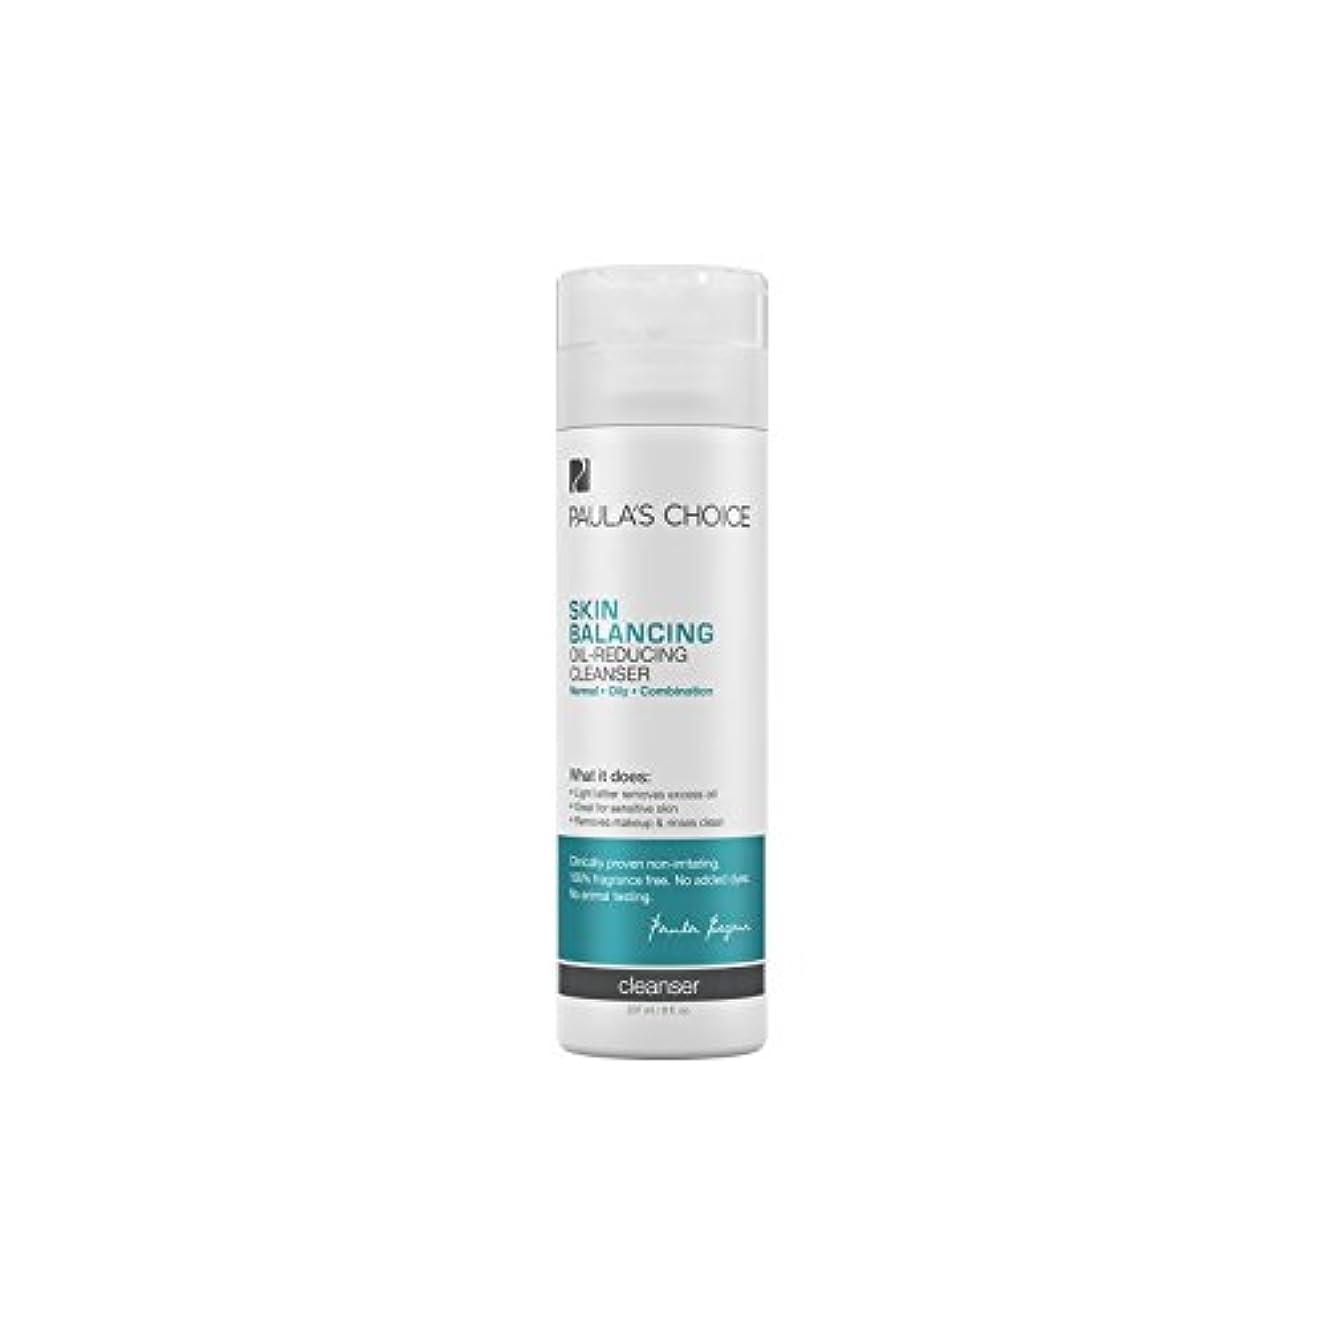 発行する機関流星Paula's Choice Skin Balancing Oil-Reducing Cleanser (237ml) - ポーラチョイスの肌のバランスオイル低減クレンザー(237ミリリットル) [並行輸入品]